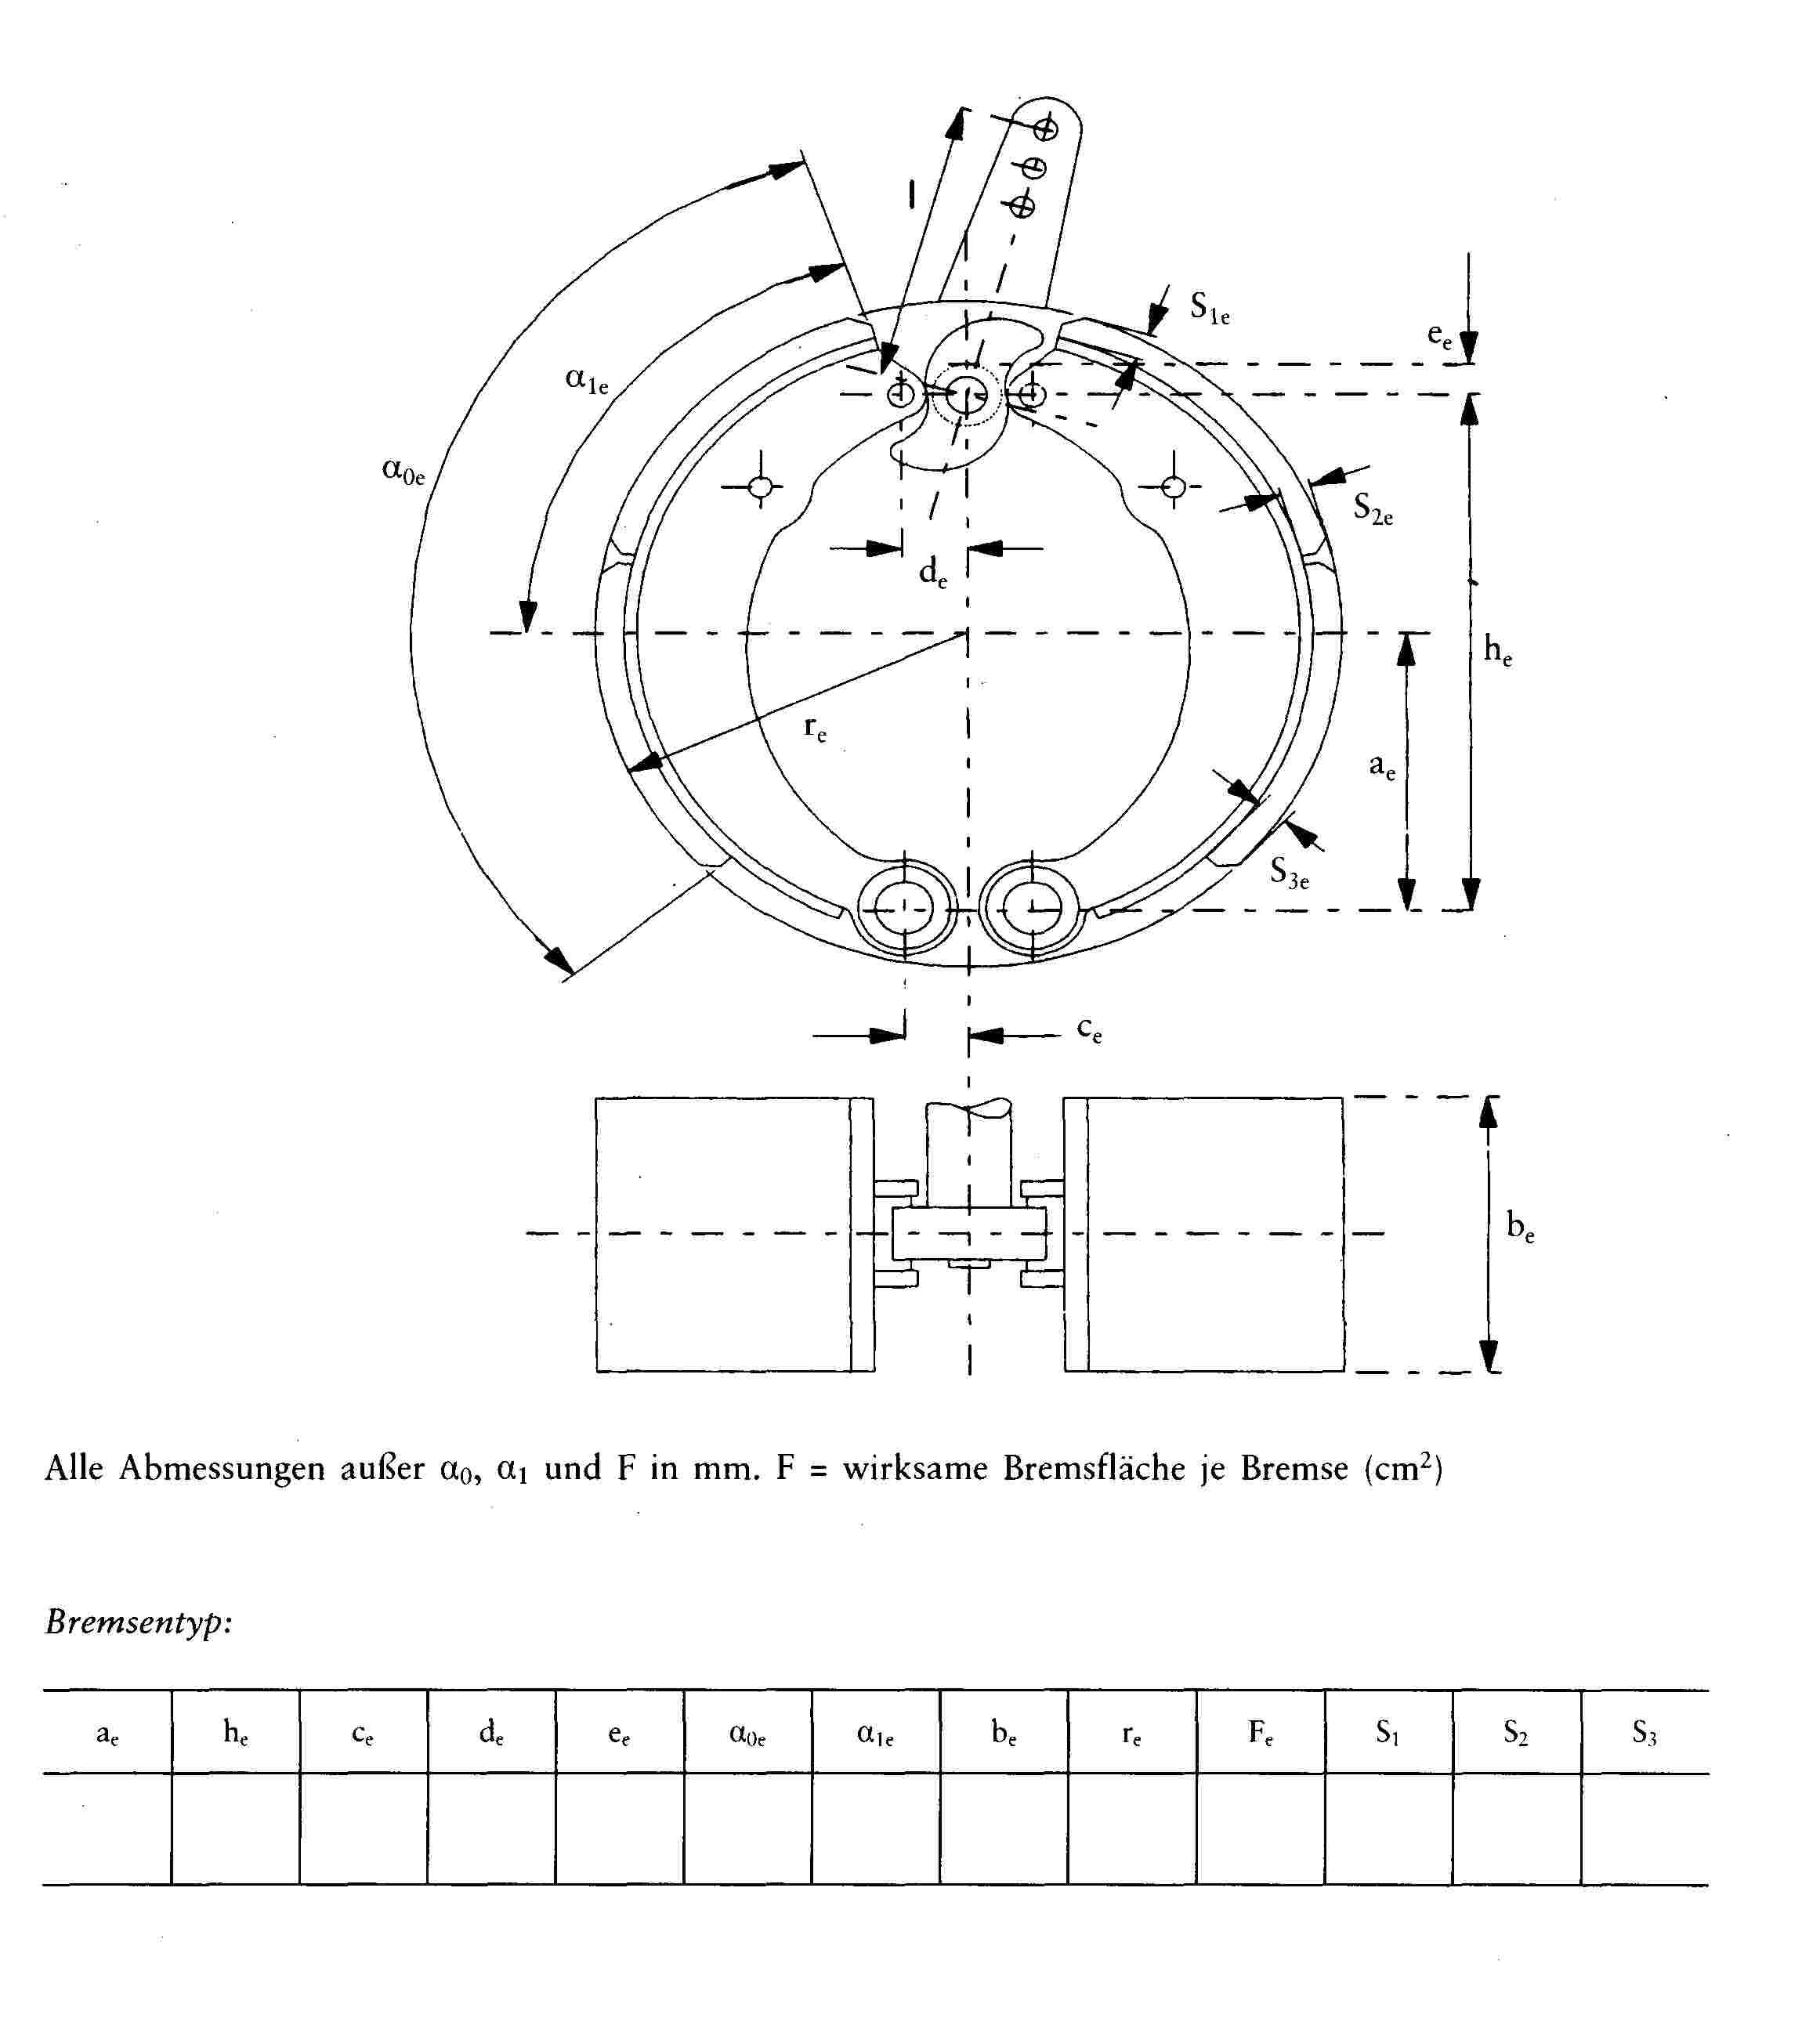 Wunderbar 3 Draht Trockner Stecker Diagramm Galerie - Die Besten ...